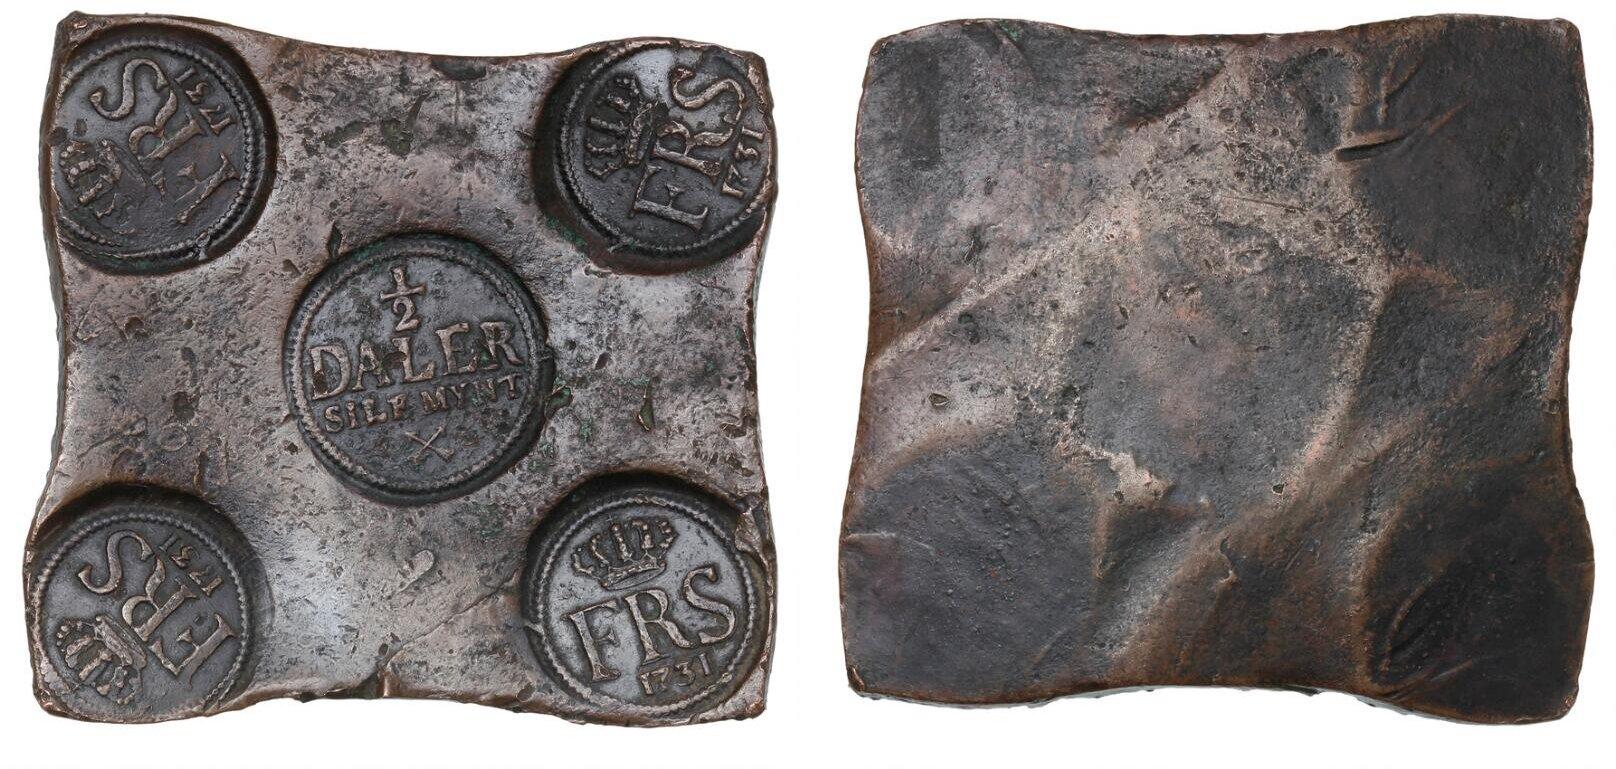 """""""Platmynten"""" in rame da mezzo """"daler"""" con contromarca centrale e stampigliature sui quattro angoli a prevenire, anche per queste enormi monete lingotto, asportazioni fraudolente di metallo"""